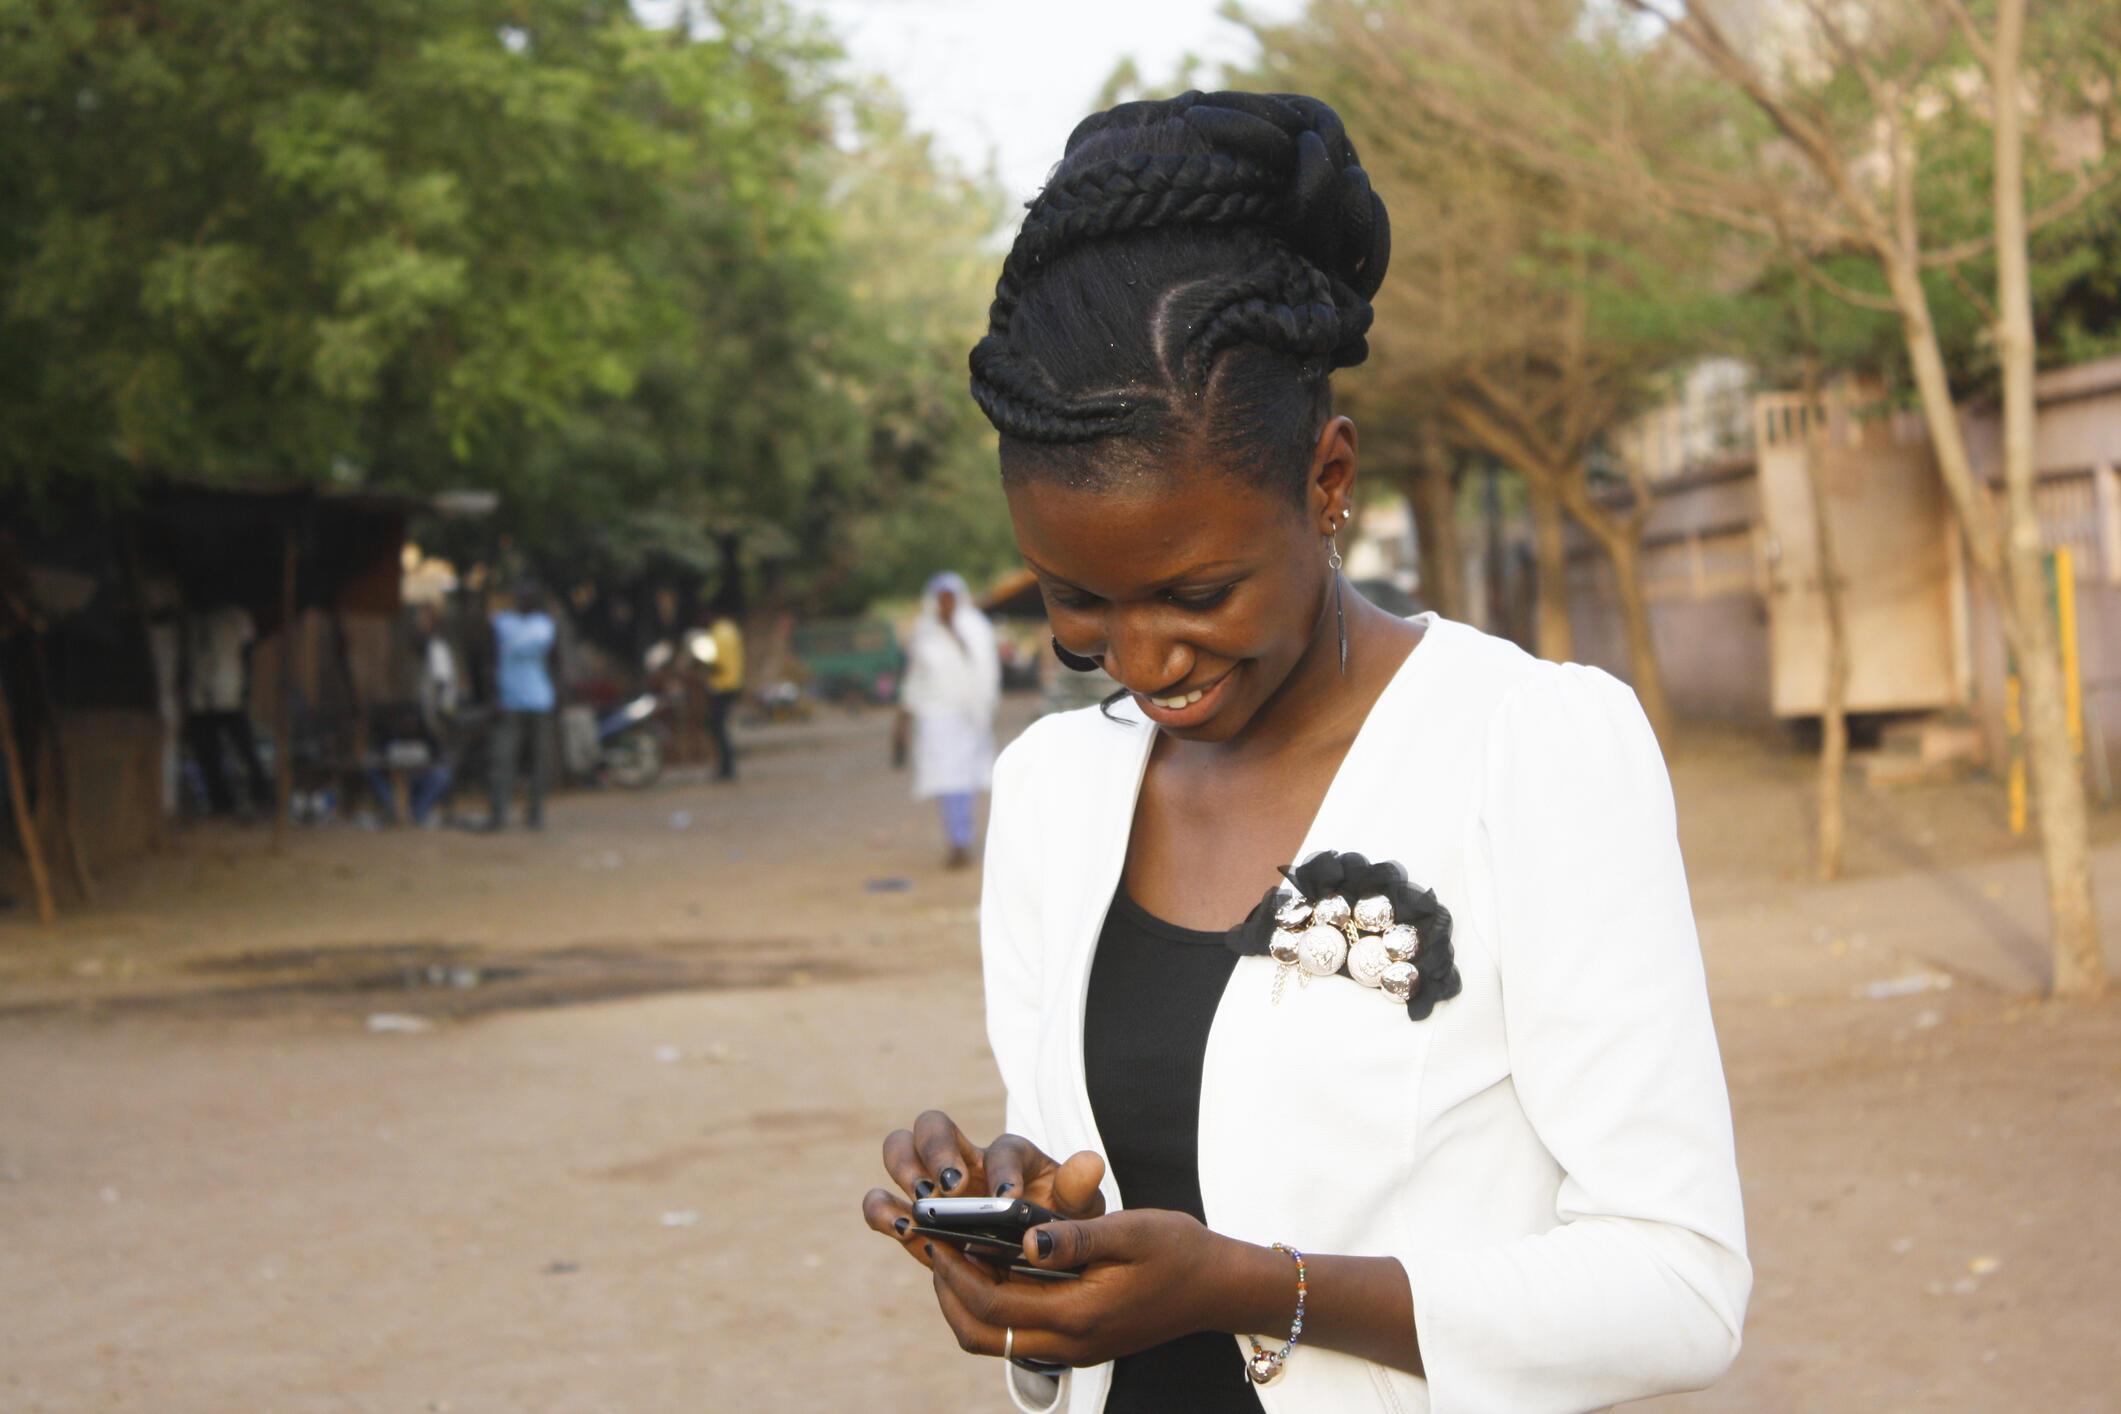 Les jeunes africains veulent accéder à tous les produits de consommation que l'on trouve ailleurs dans le monde.